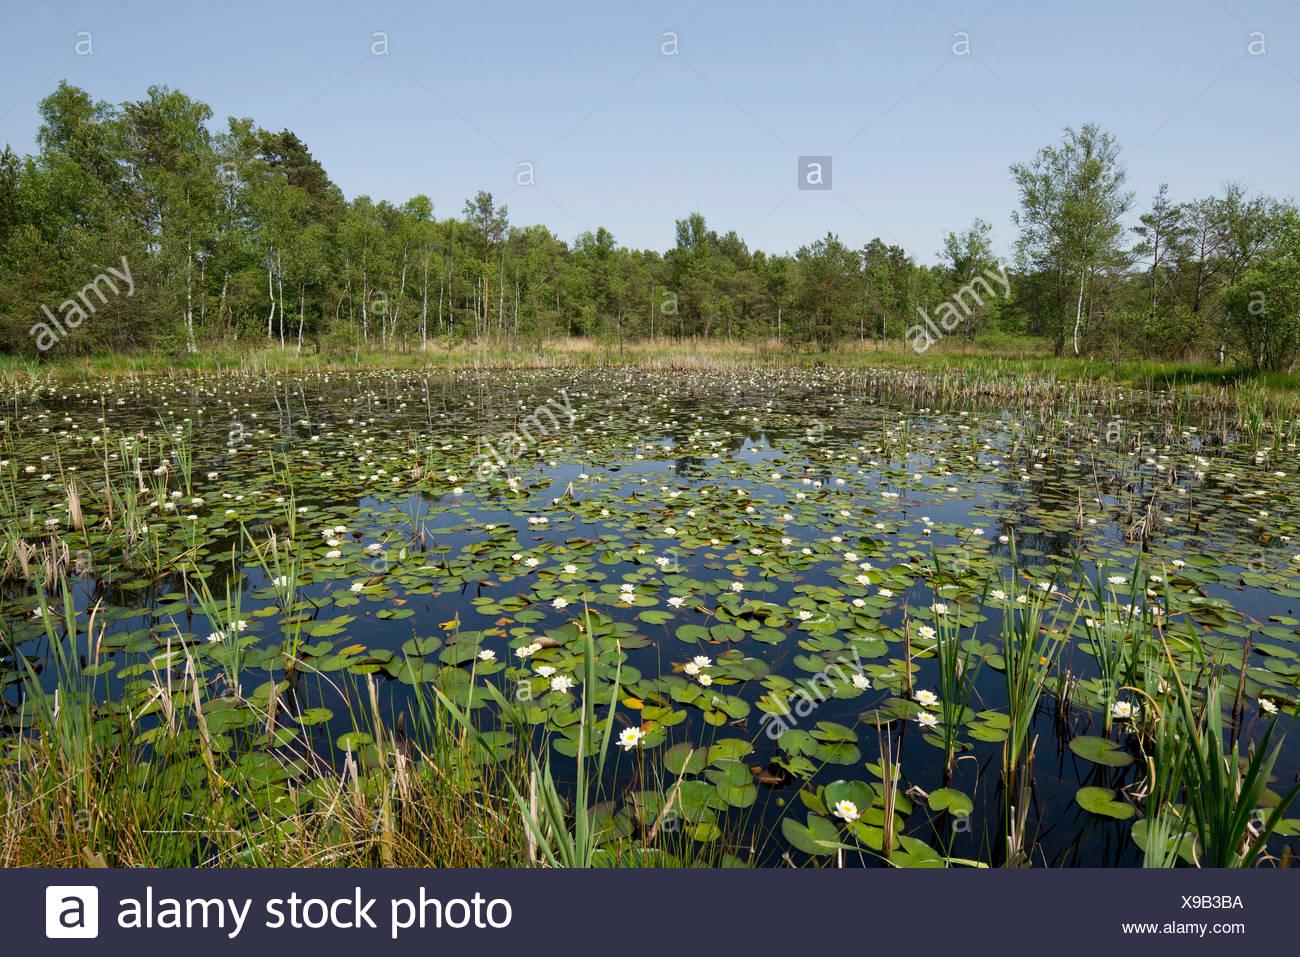 Stagno con White Water Lilies (Nymphaea alba), Breites Moor, vicino a Celle, Bassa Sassonia, Germania Immagini Stock